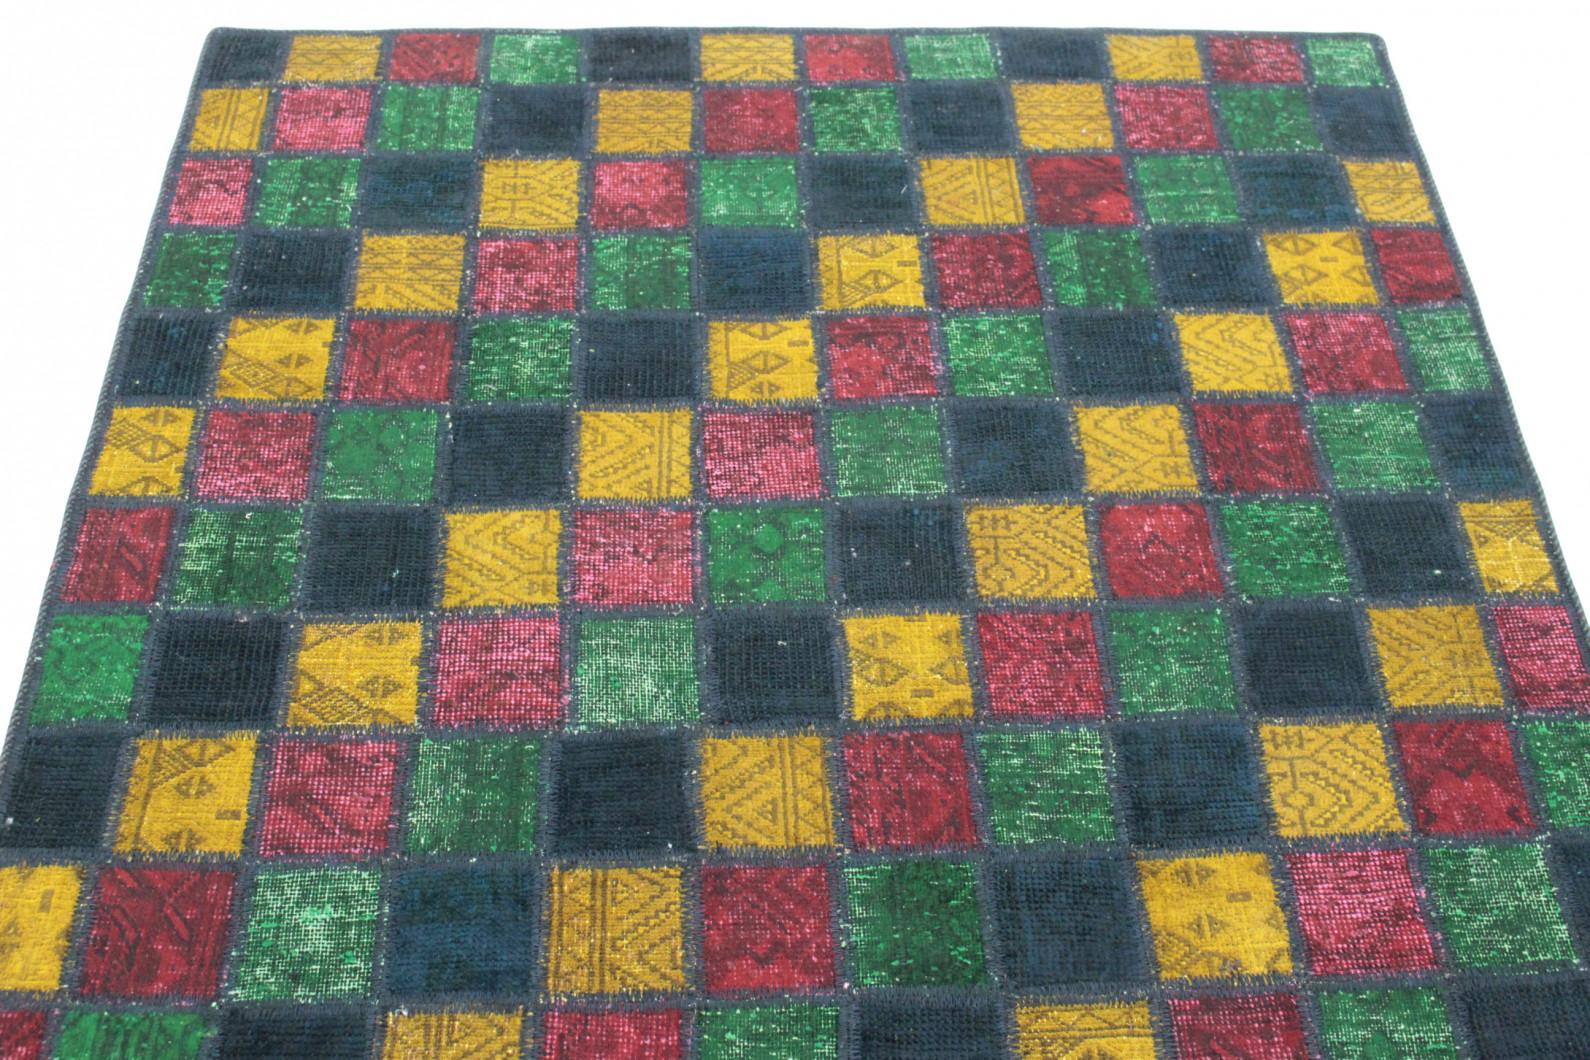 patchwork teppich blau gr n gelb rot in 210x130 1001 167144 bei kaufen. Black Bedroom Furniture Sets. Home Design Ideas